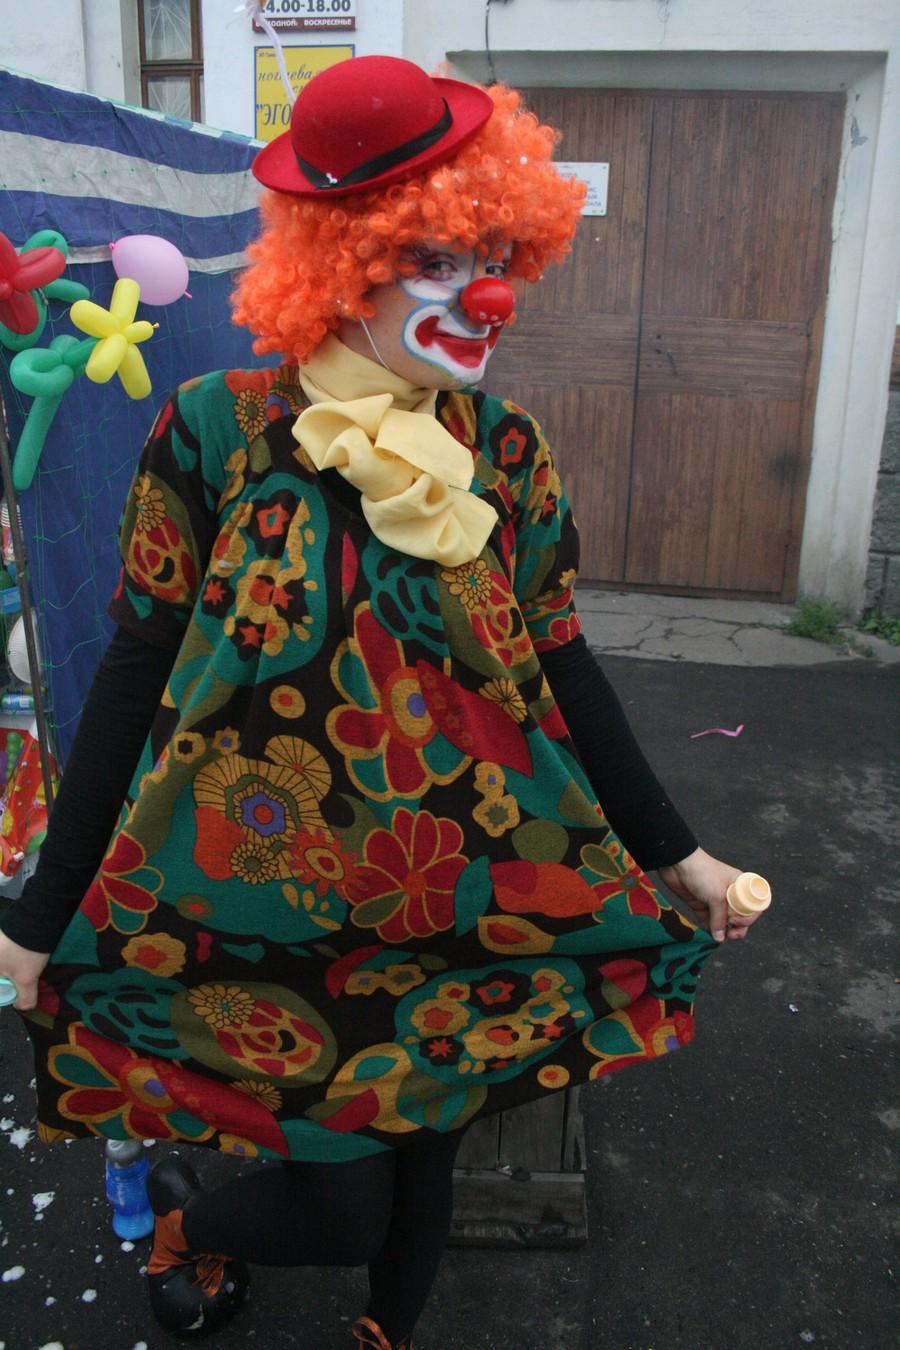 Усть-Кут.RU : Усть-Кутский клоун